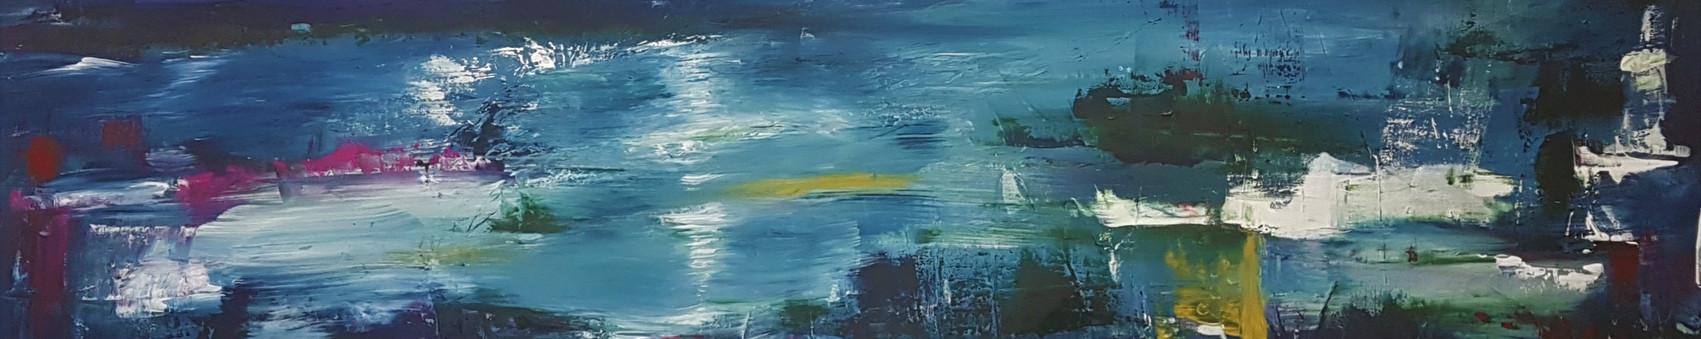 Moonlight on River